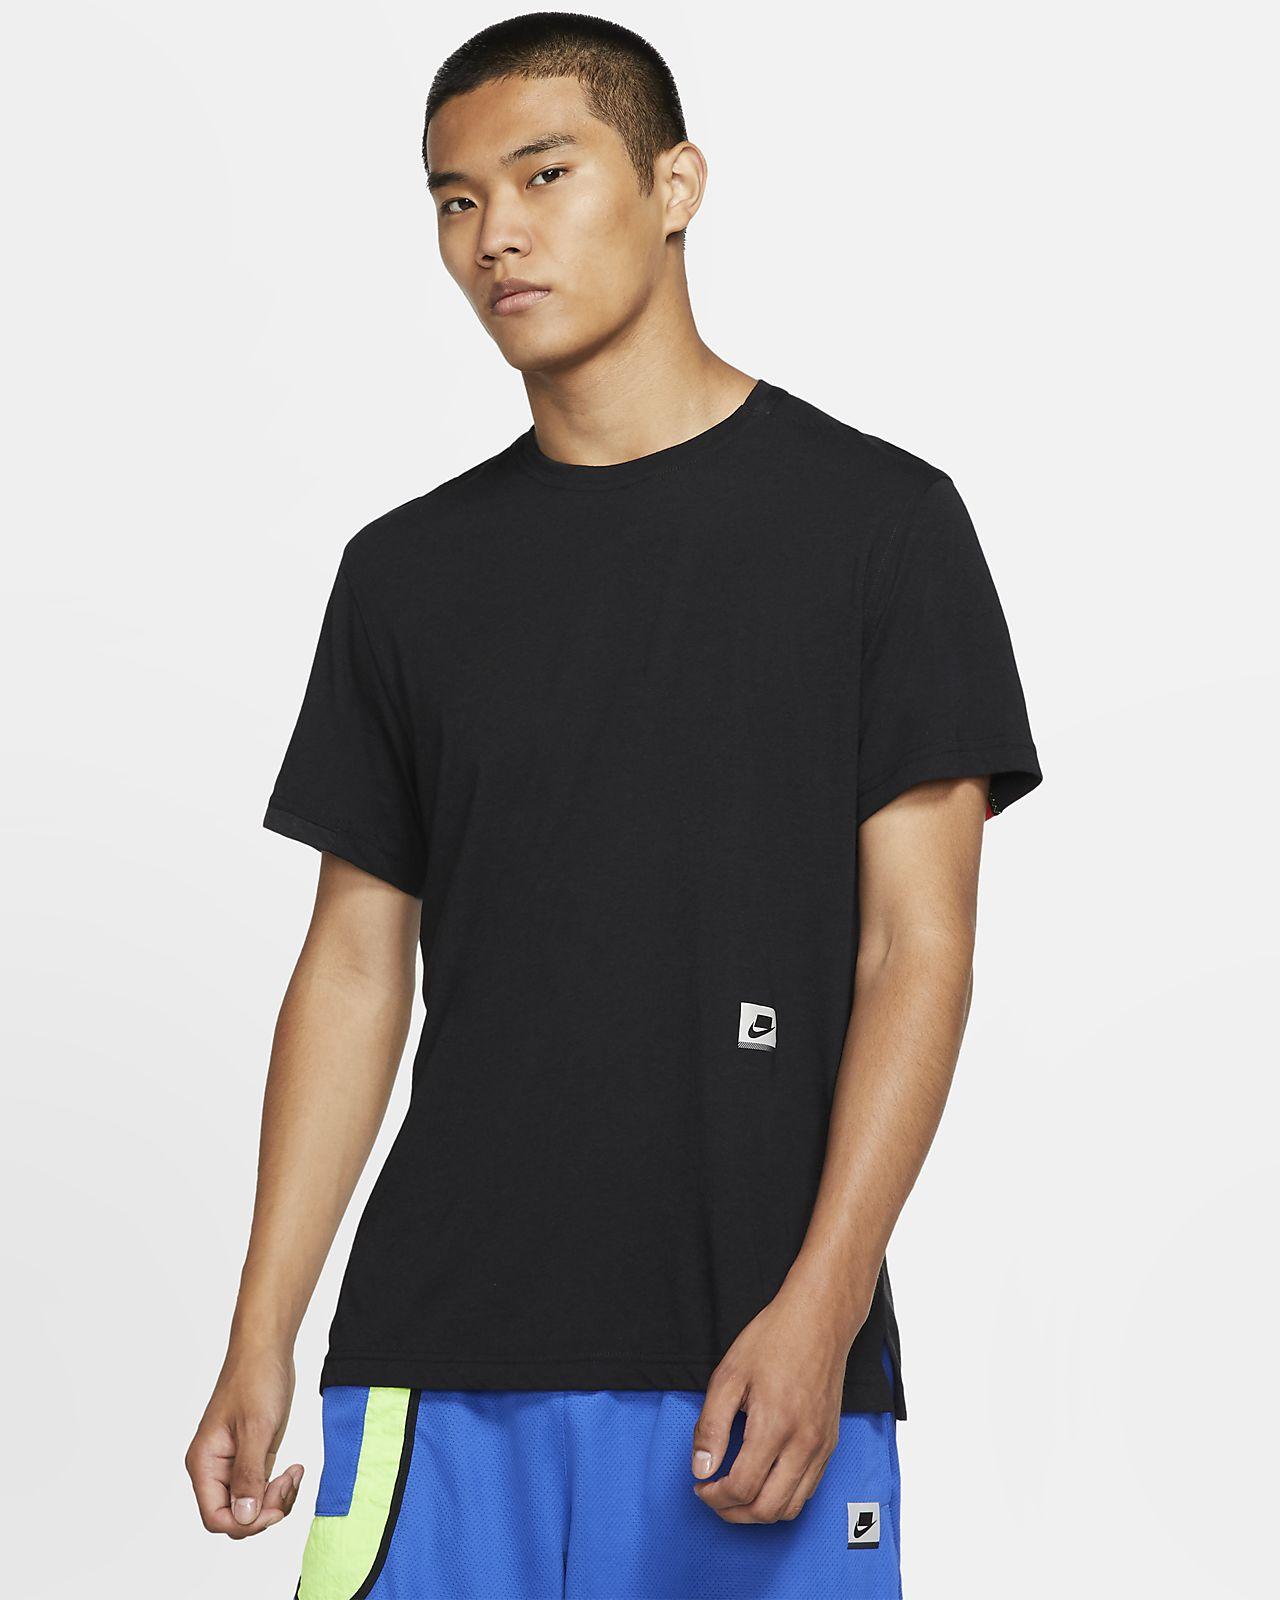 Pánské tréninkové tričko Nike Dri-FIT s krátkým rukávem